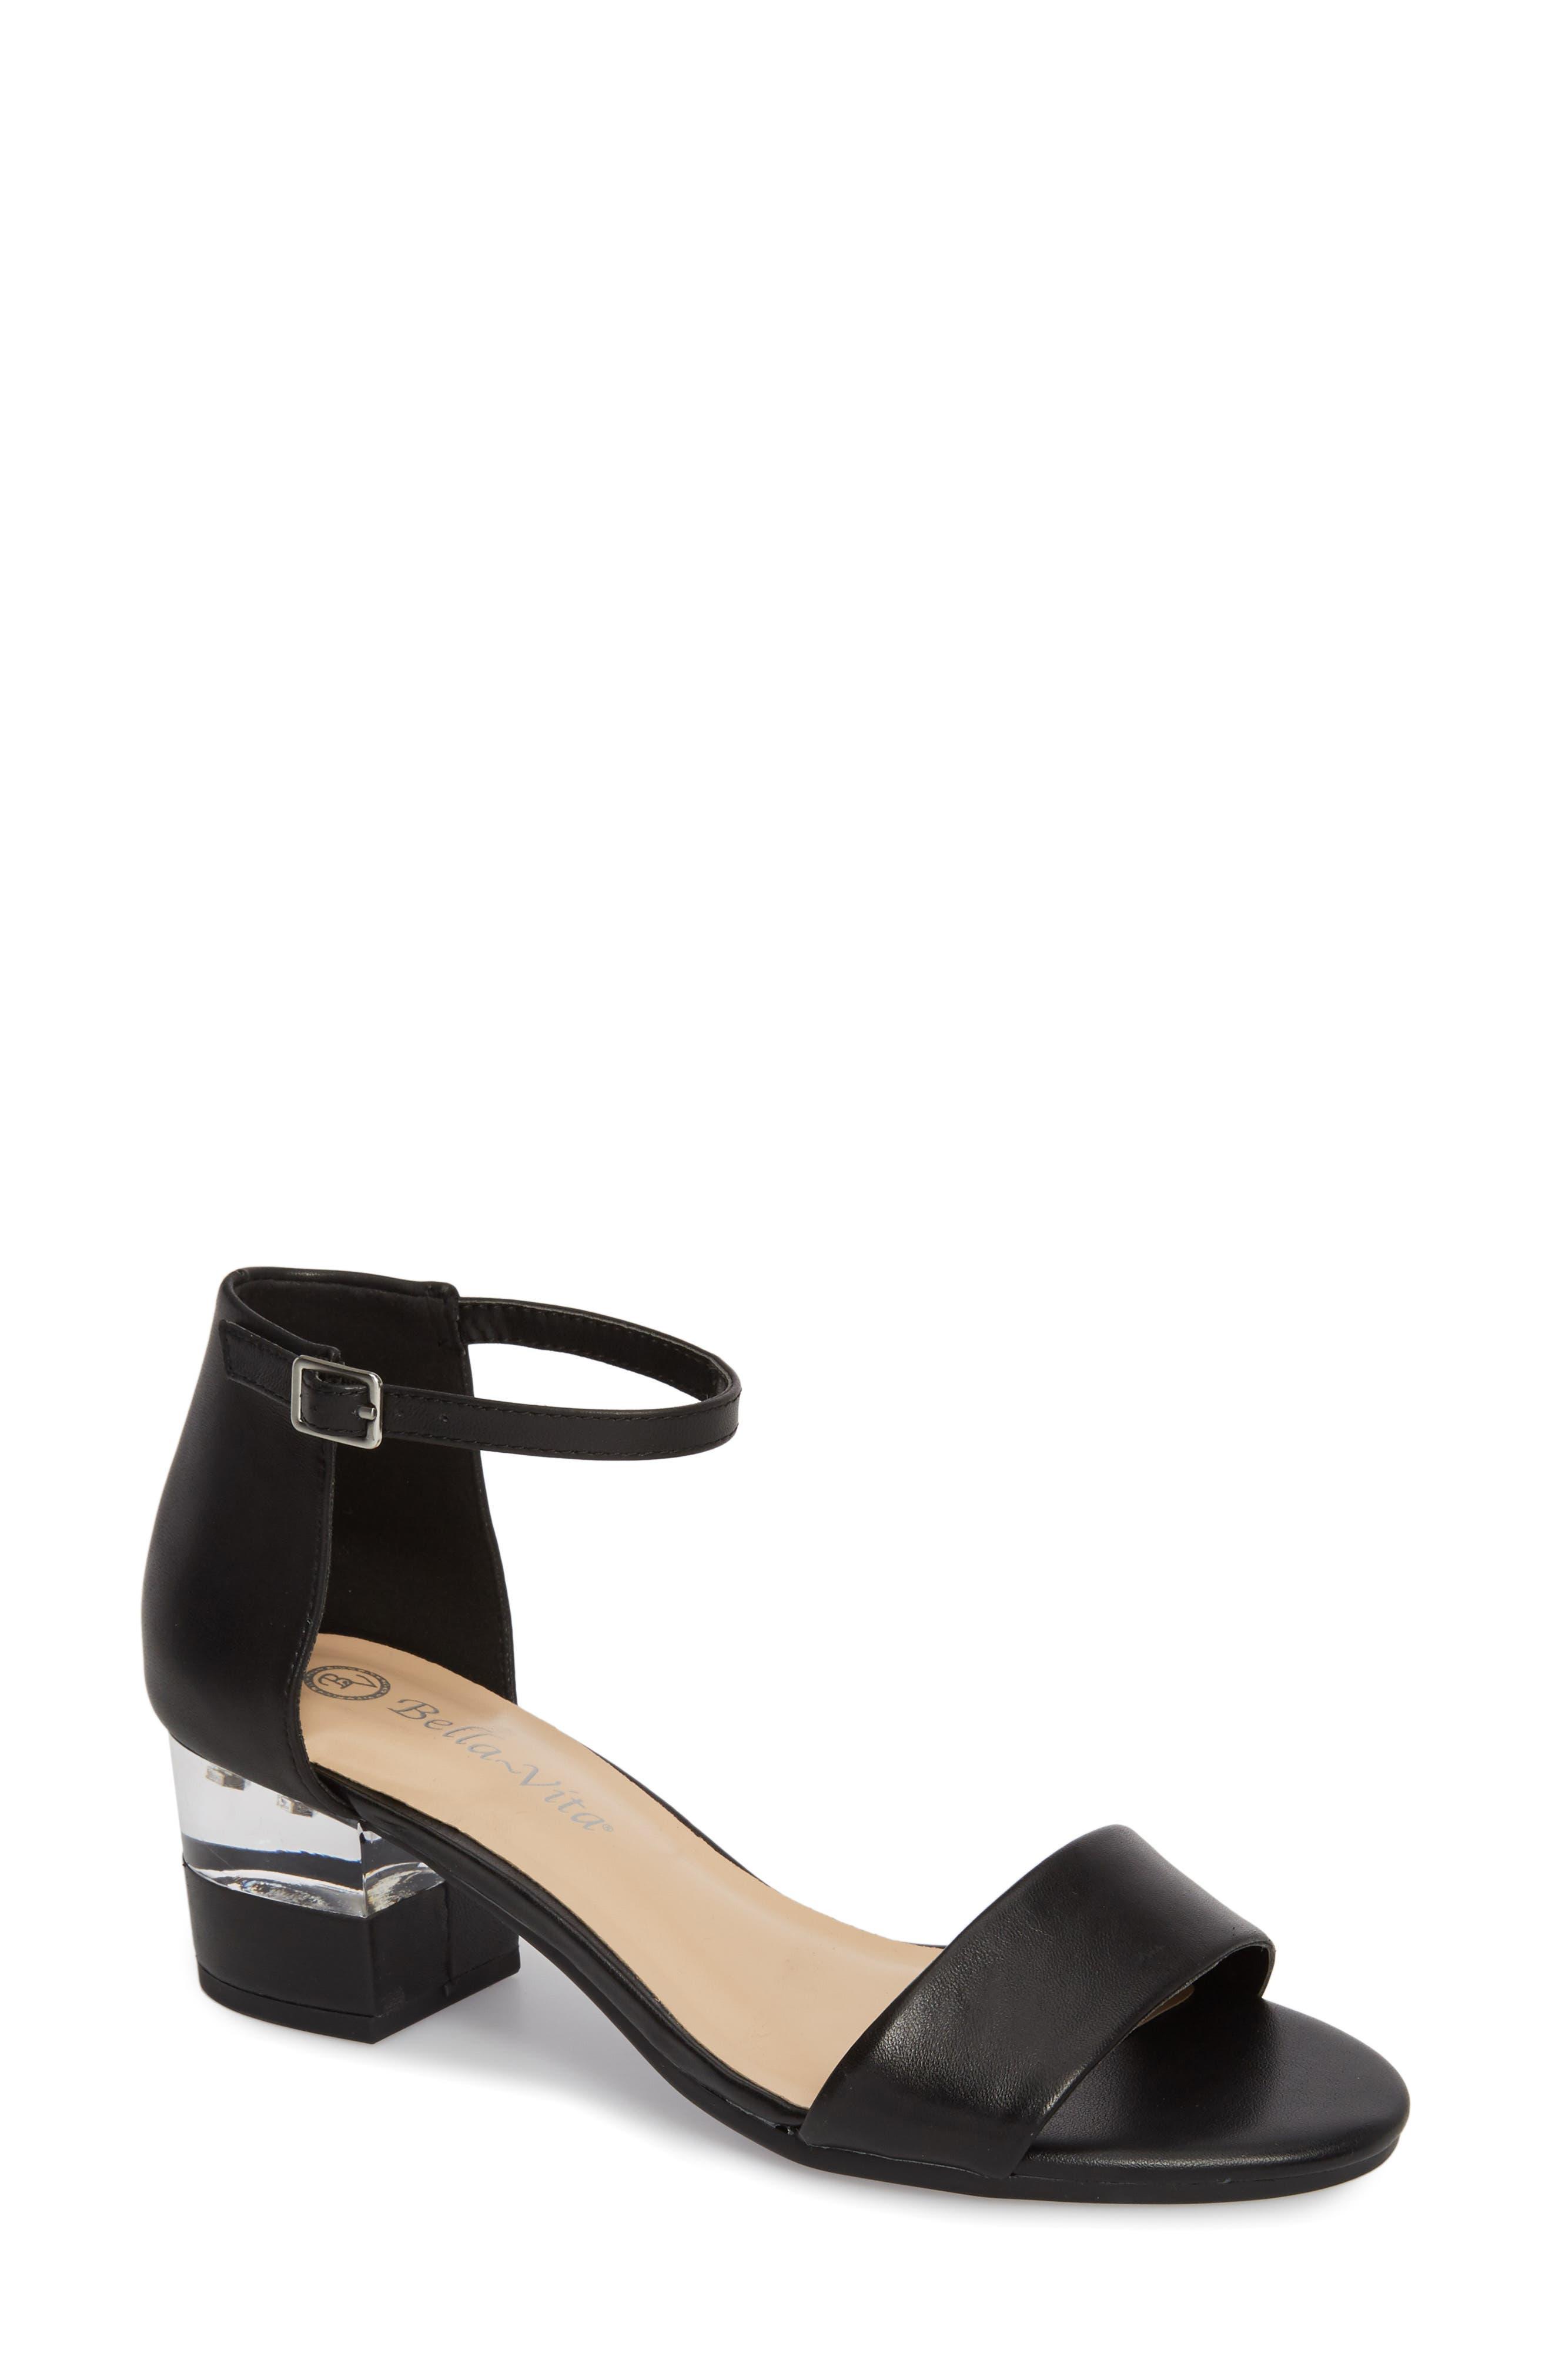 Sandals for Women, Black, Fur, 2017, 3.5 5.5 6.5 Car Shoe